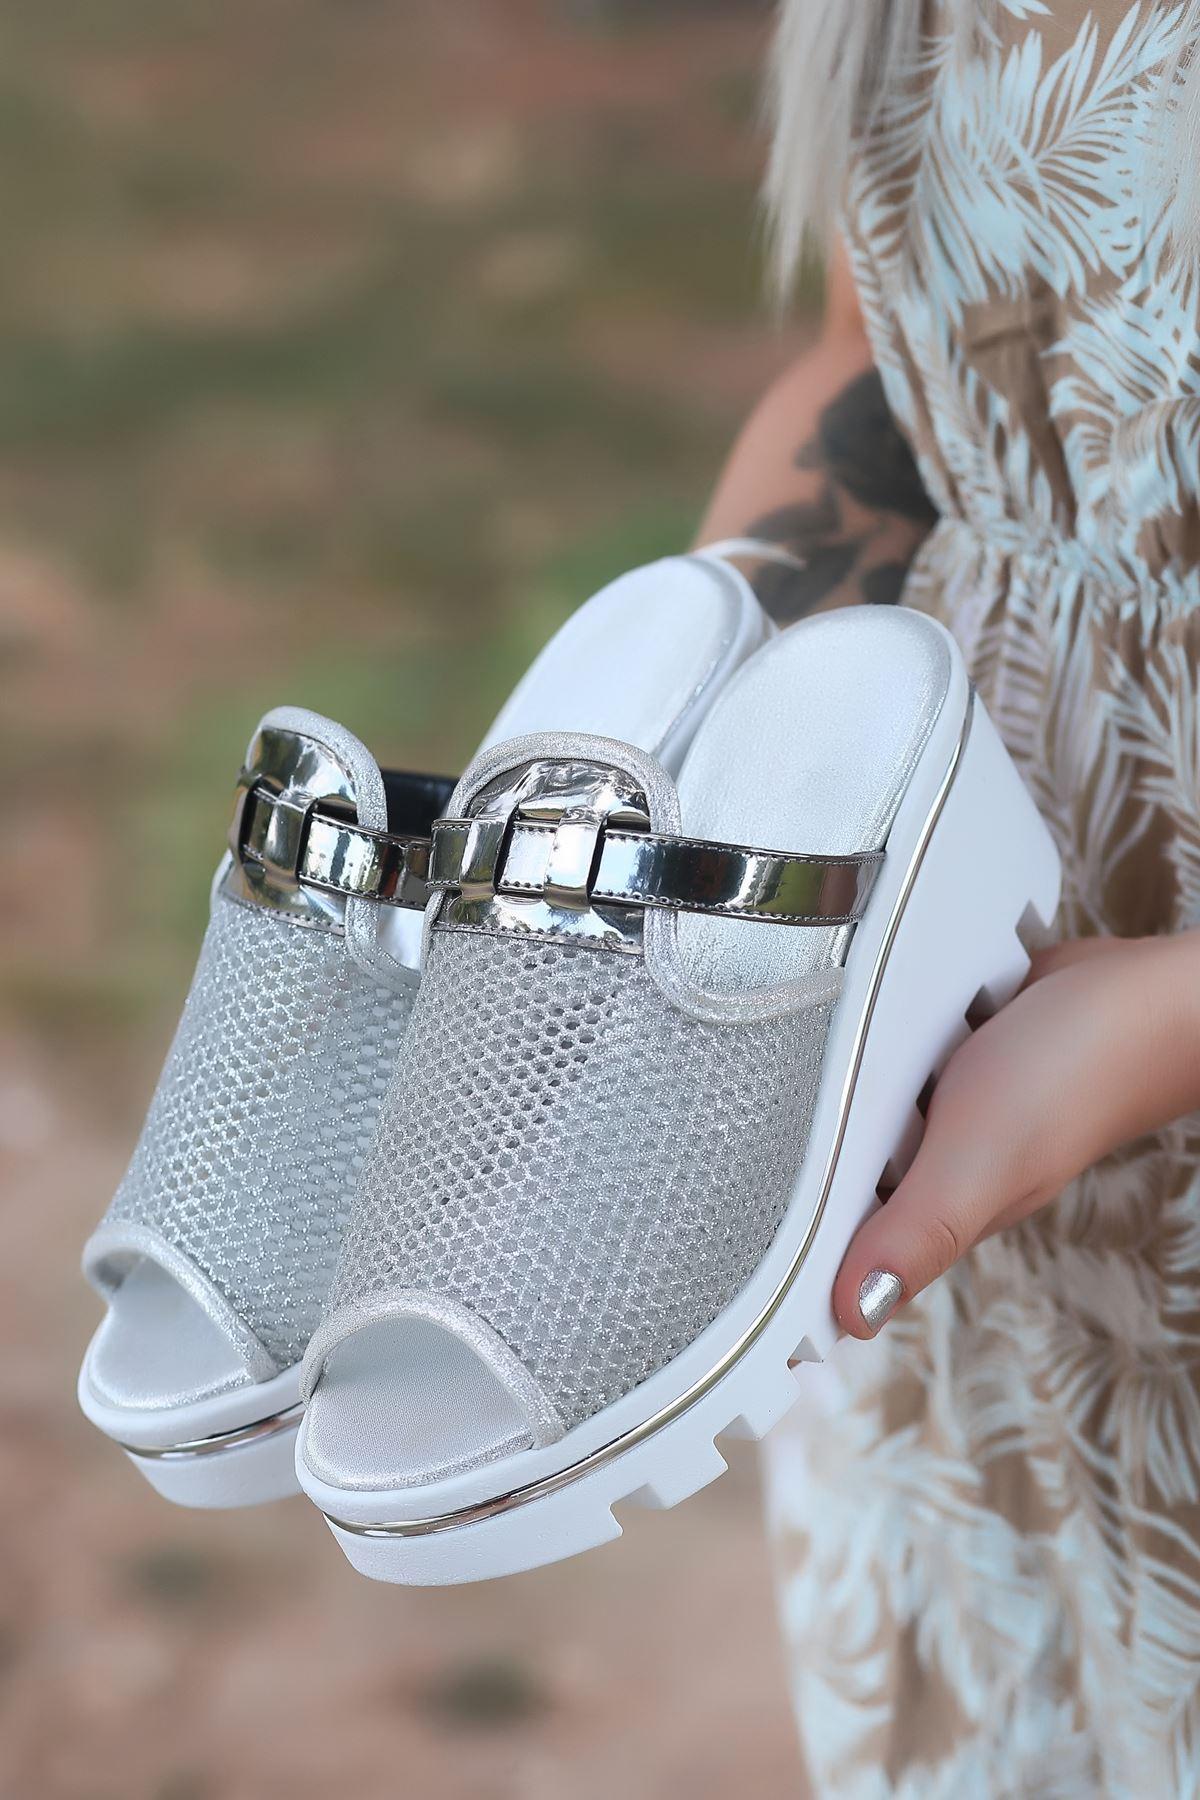 Jenny Mat Deri File Detay Dolgu Topuk Kadın Terlik Gümüş